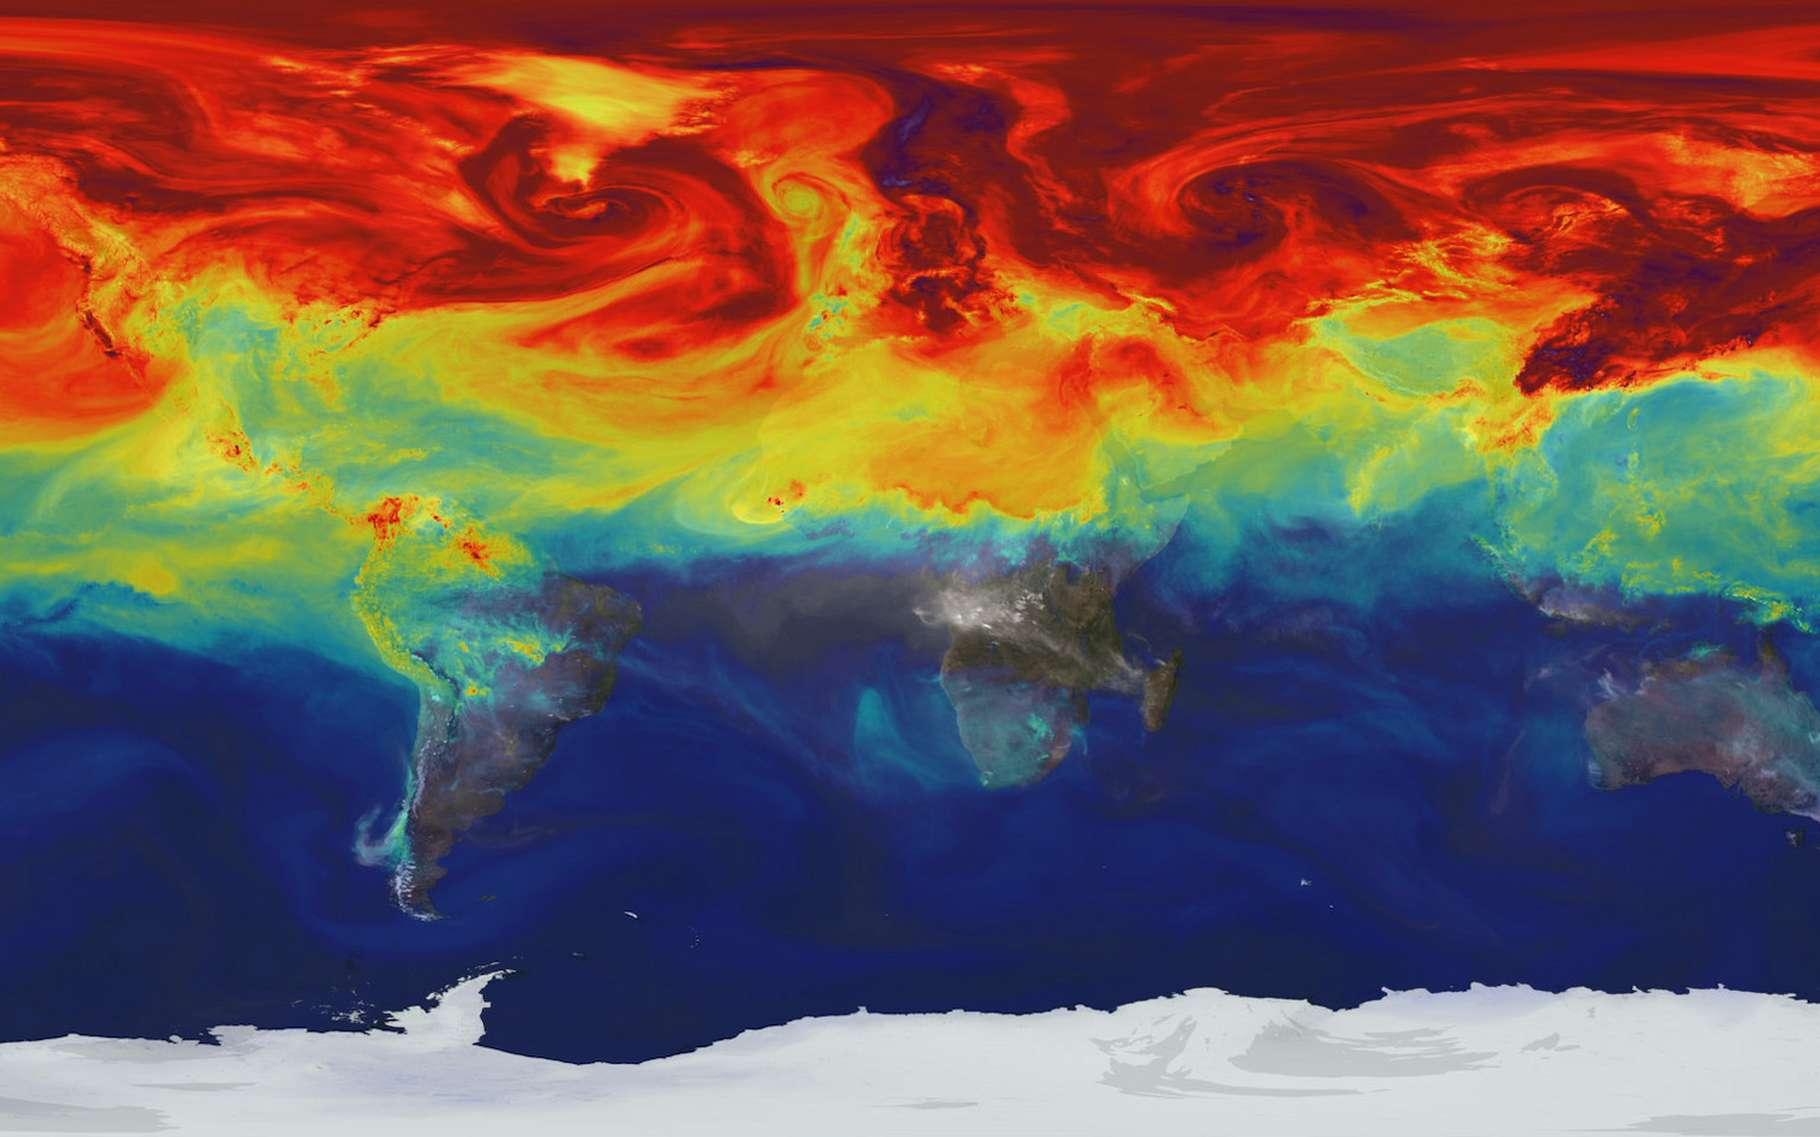 Un modèle établi par les chercheurs montre comment les gaz à effet de serre comme le dioxyde de carbone (CO2) fluctuent dans l'atmosphère terrestre tout au long de l'année. Ici, un pic dans l'hémisphère nord à la fin de l'hiver 2006. Les concentrations les plus élevées apparaissent en rouge. © Scientific Visualization Studio, Nasa